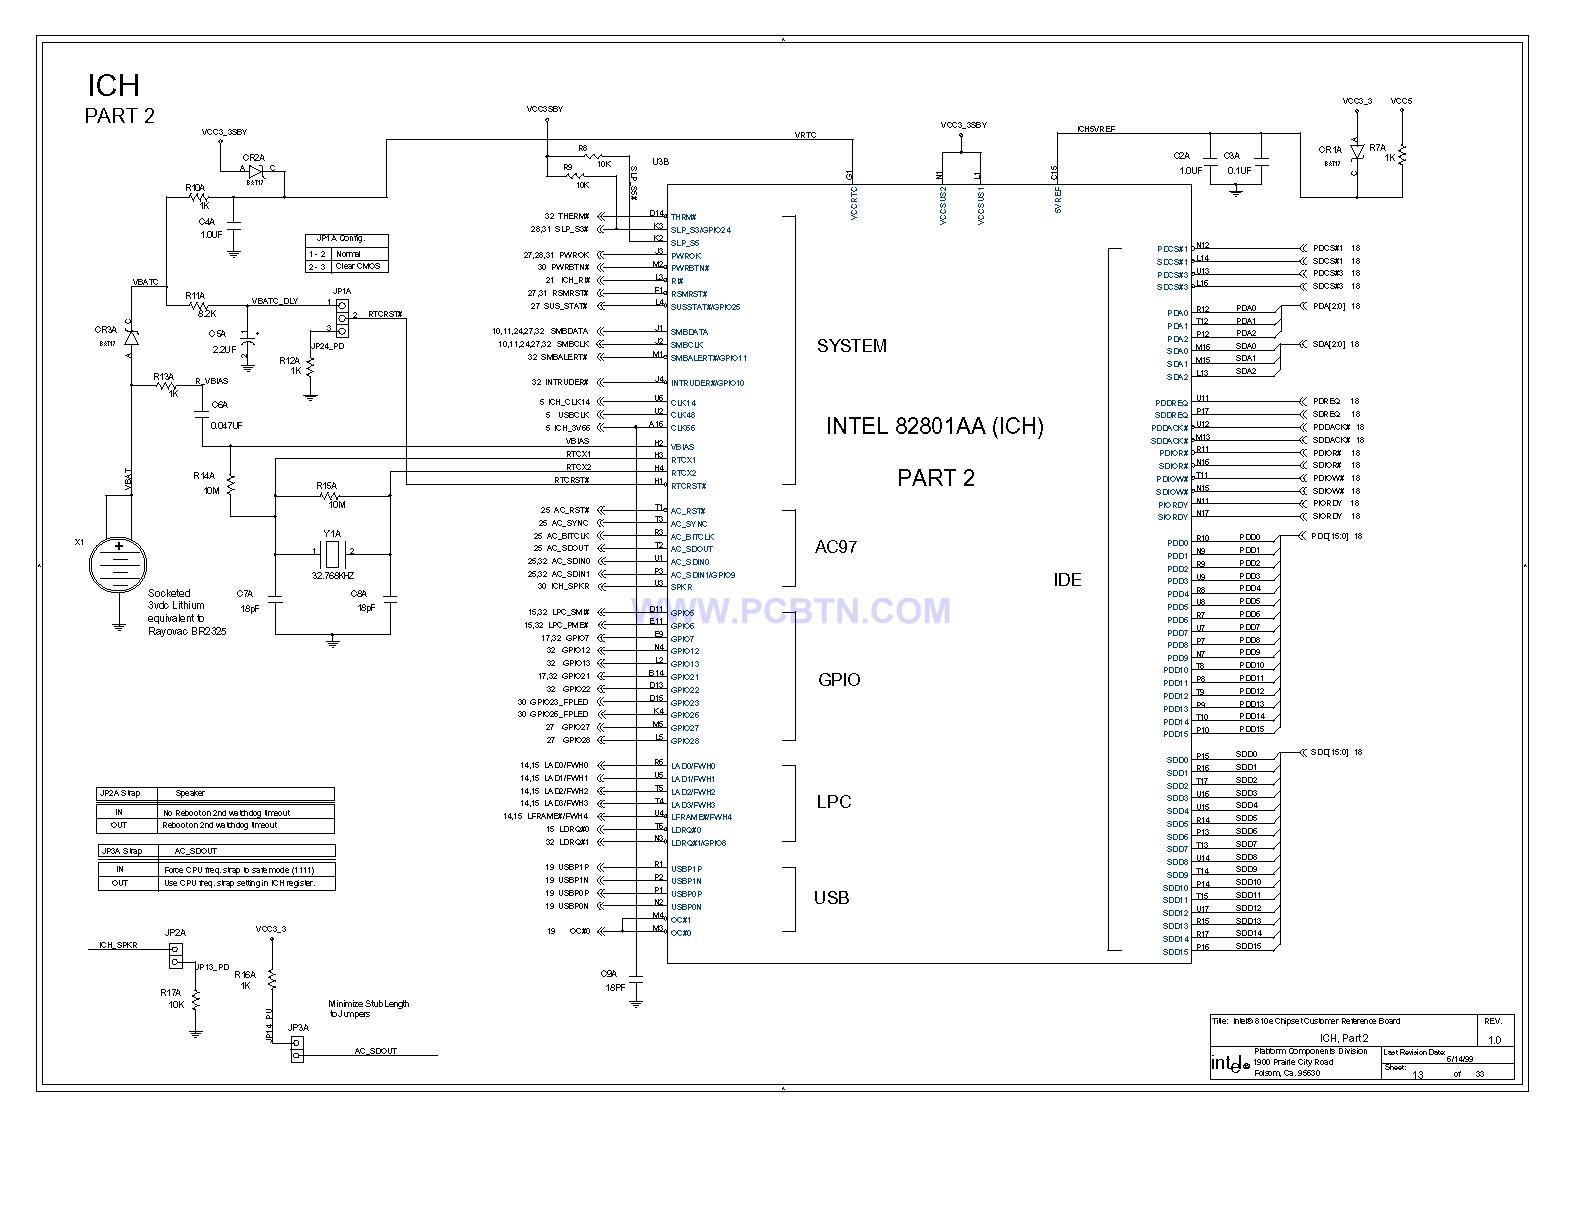 810e电脑主板设计图[_]13